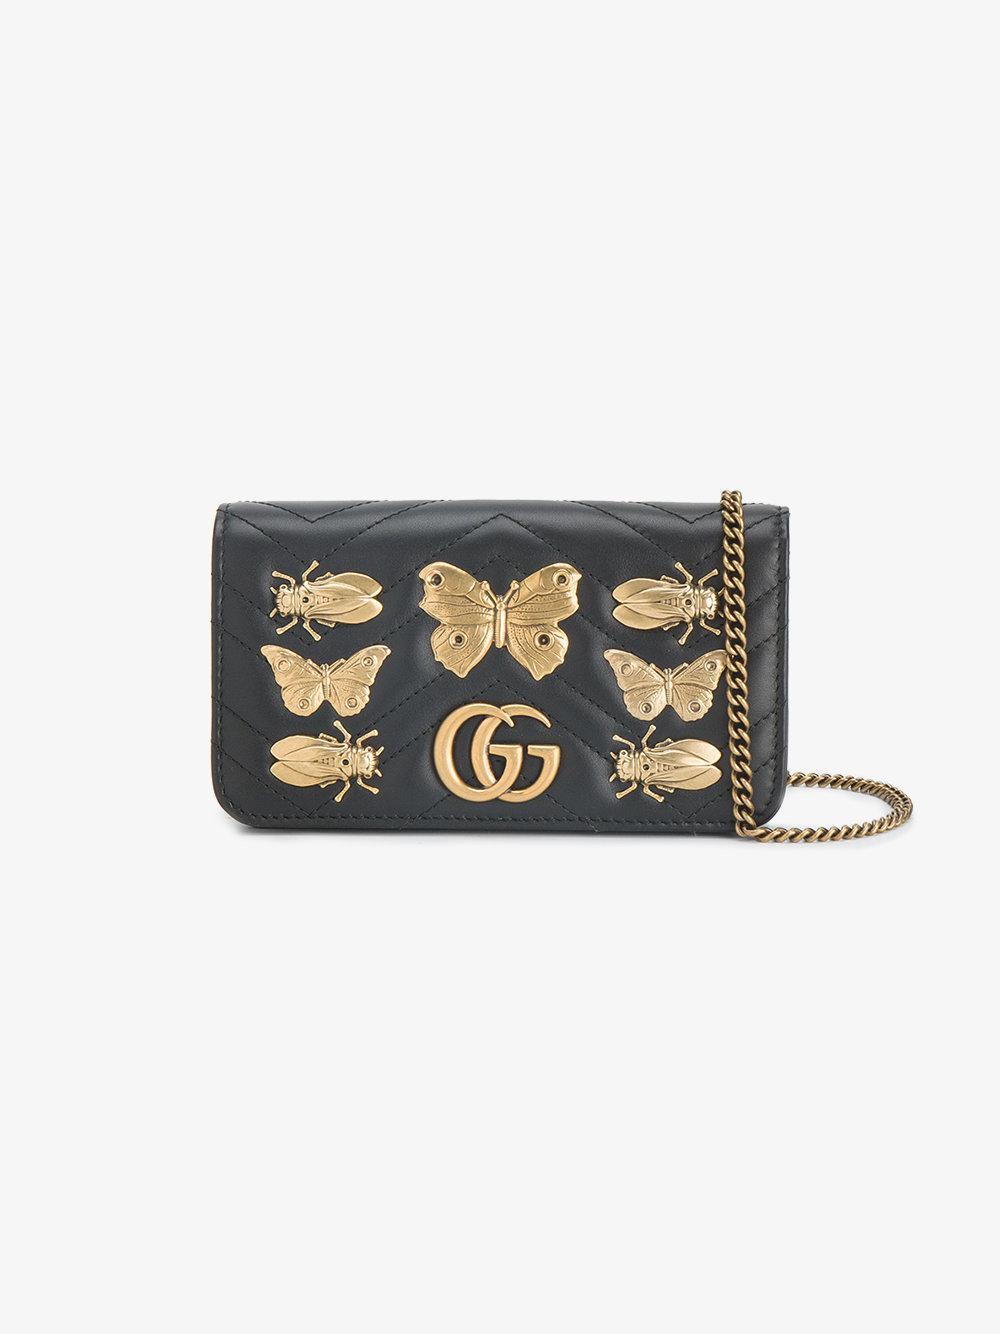 e0459899a18 Gucci Gg Marmont Animal Studs Mini Bag in Black - Lyst